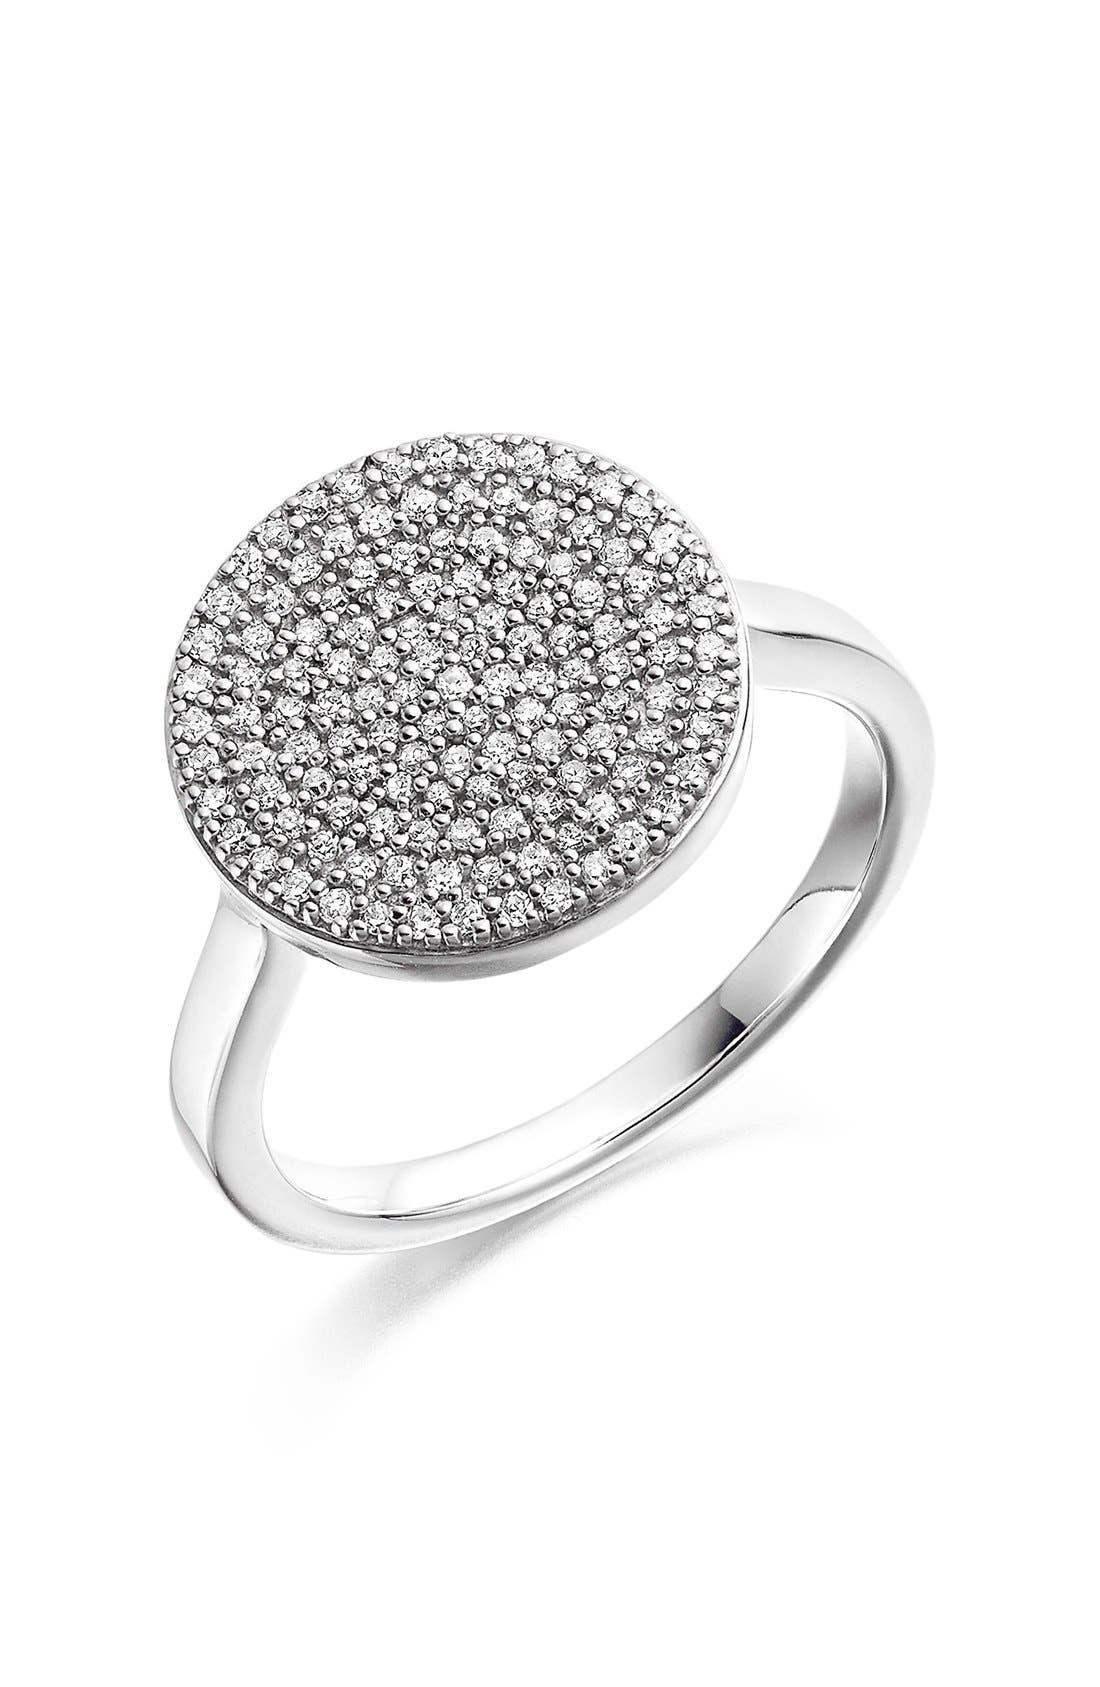 Alternate Image 1 Selected - Monica Vinader 'Ava' Diamond Disc Ring